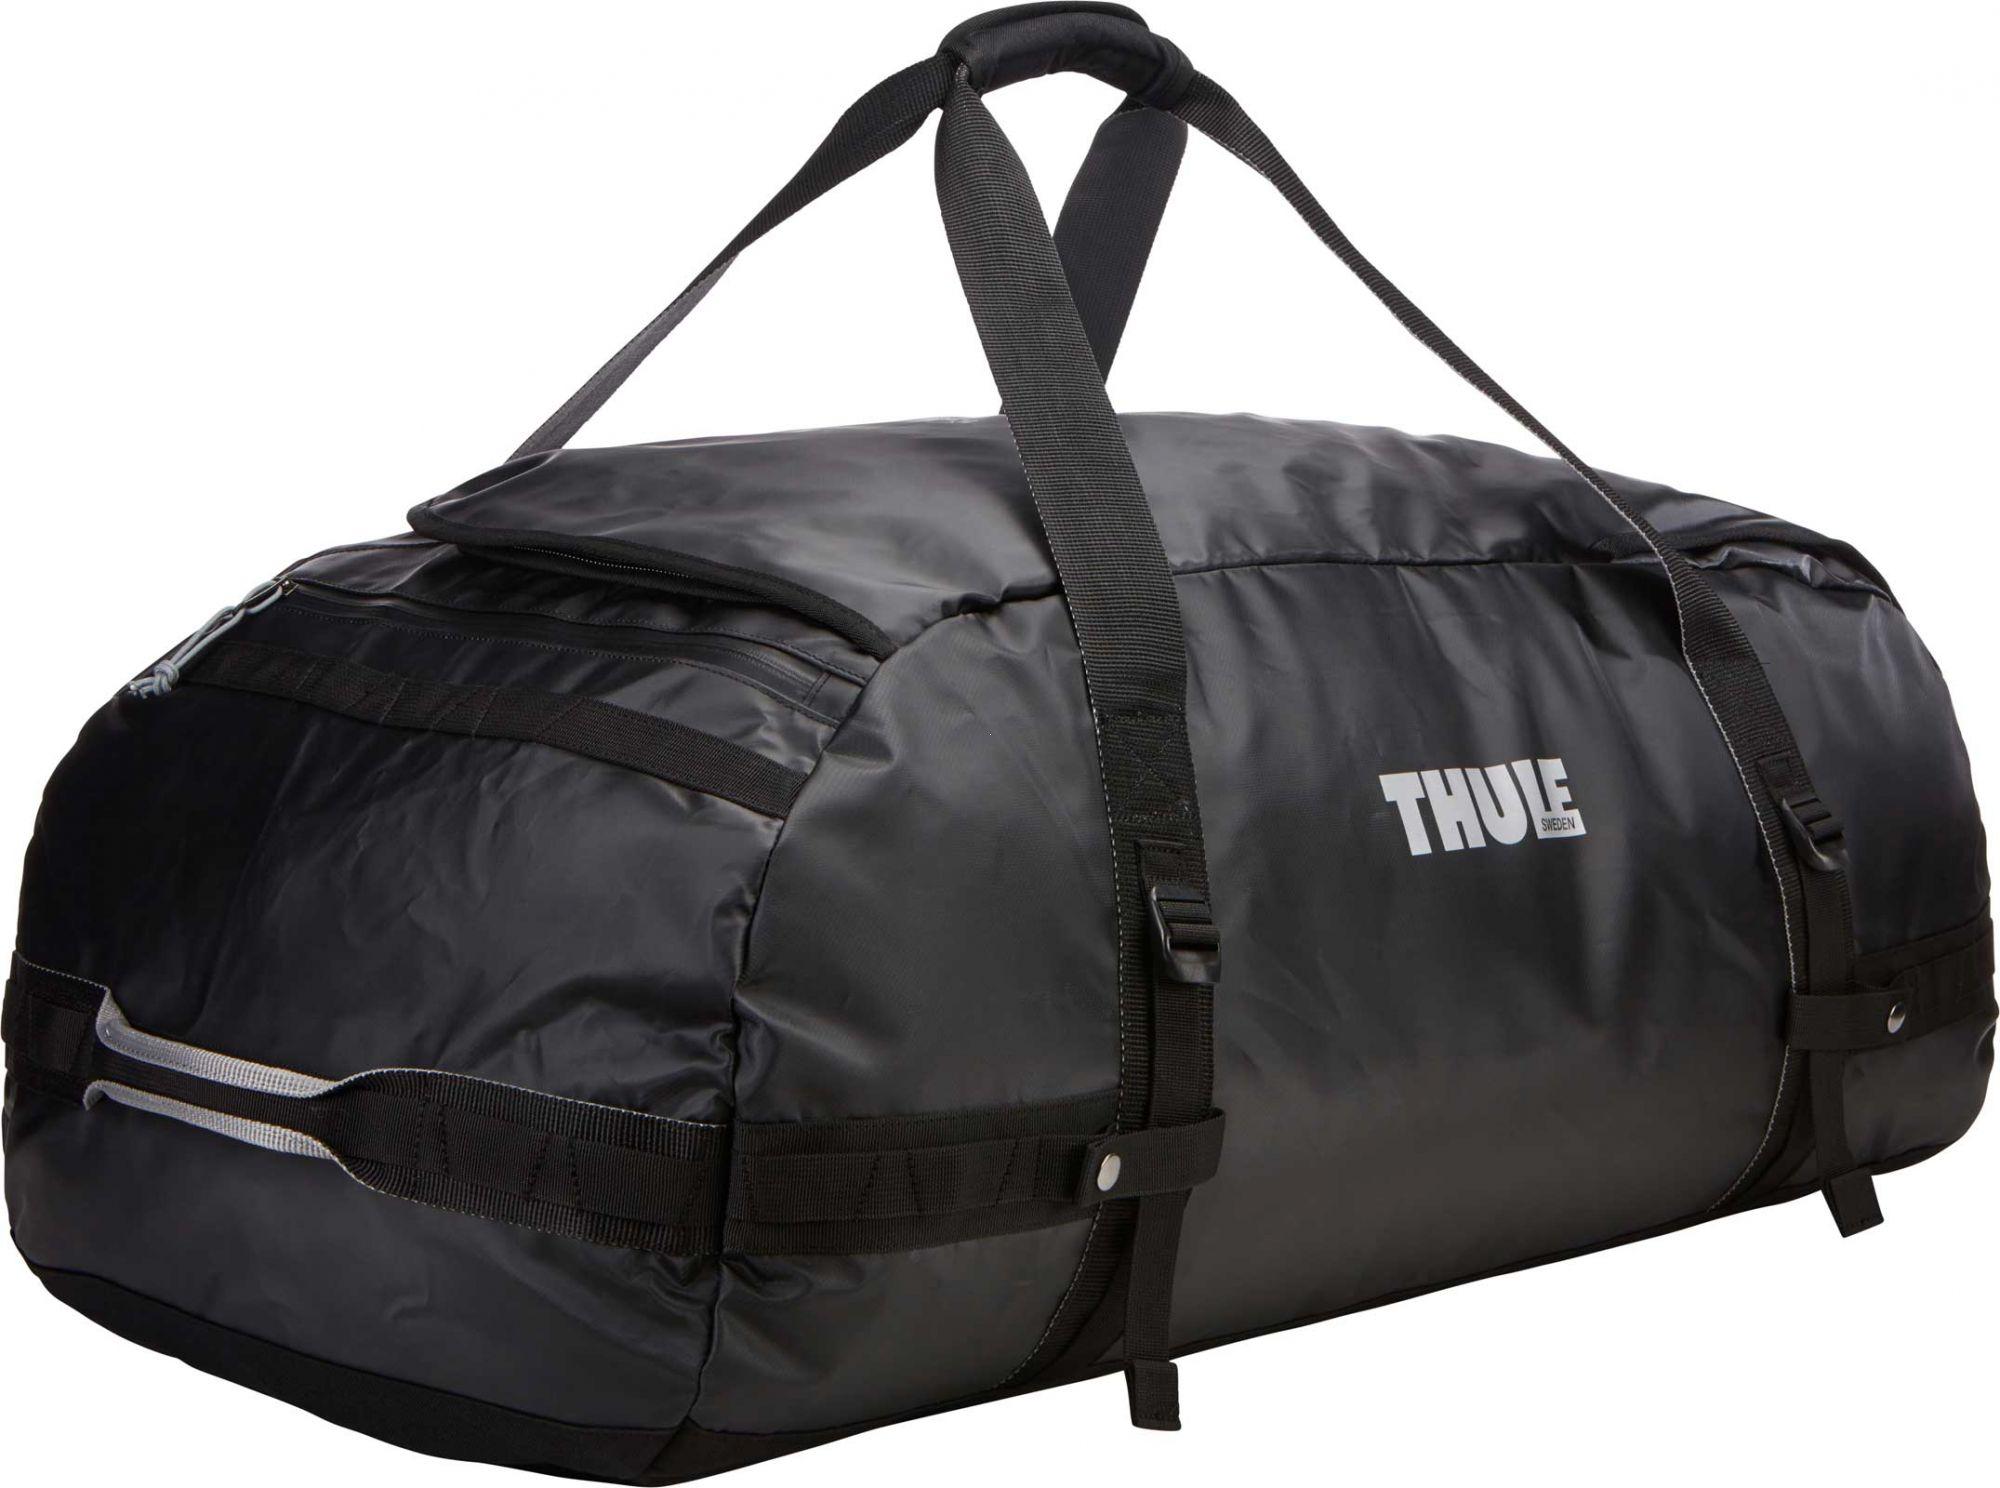 b8942fbdefbb2 Torba sportowa-podróżna, plecak, 130 litrów marki Thule z kolekcji ...